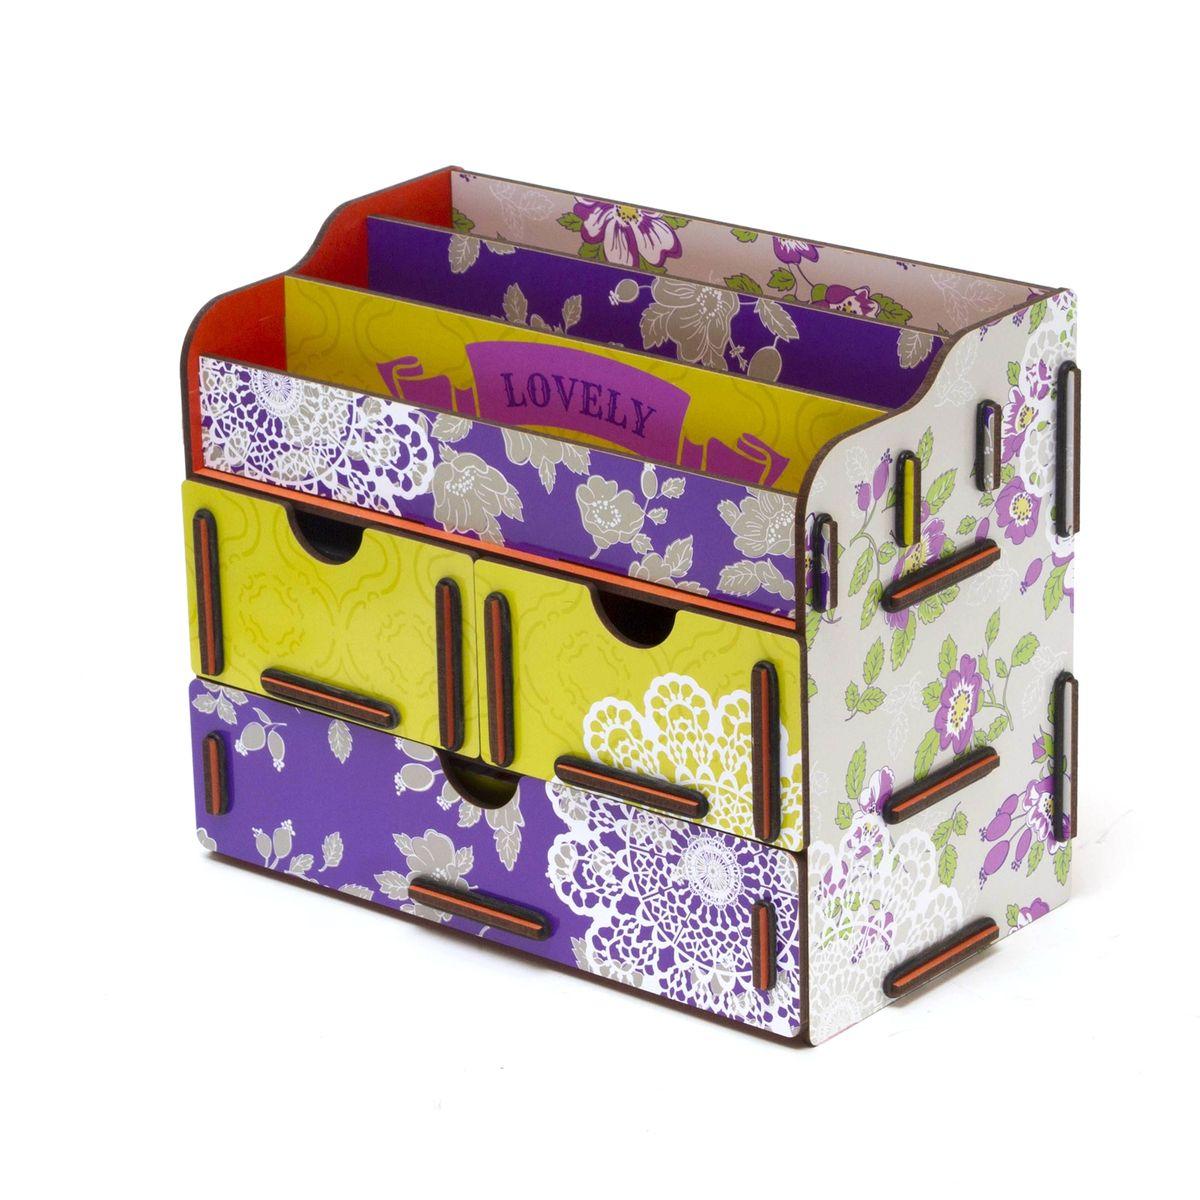 Шкатулка для косметики и украшений Homsu Love, 24 x 14 x 19 см119894Шкатулка Homsu Love выполнена из МДФ. Шкатулка для косметики и украшений благодаря двум маленьким ящикам и одному большому ящику, позволяет разместить все самое необходимое для женщины и всегда иметь это под рукой. Это оригинальное изделие имеет также 3 полочки сверху для хранения косметики, парфюмерии и аксессуаров, его можно поставить на столе, он станет отличным дополнением интерьера.